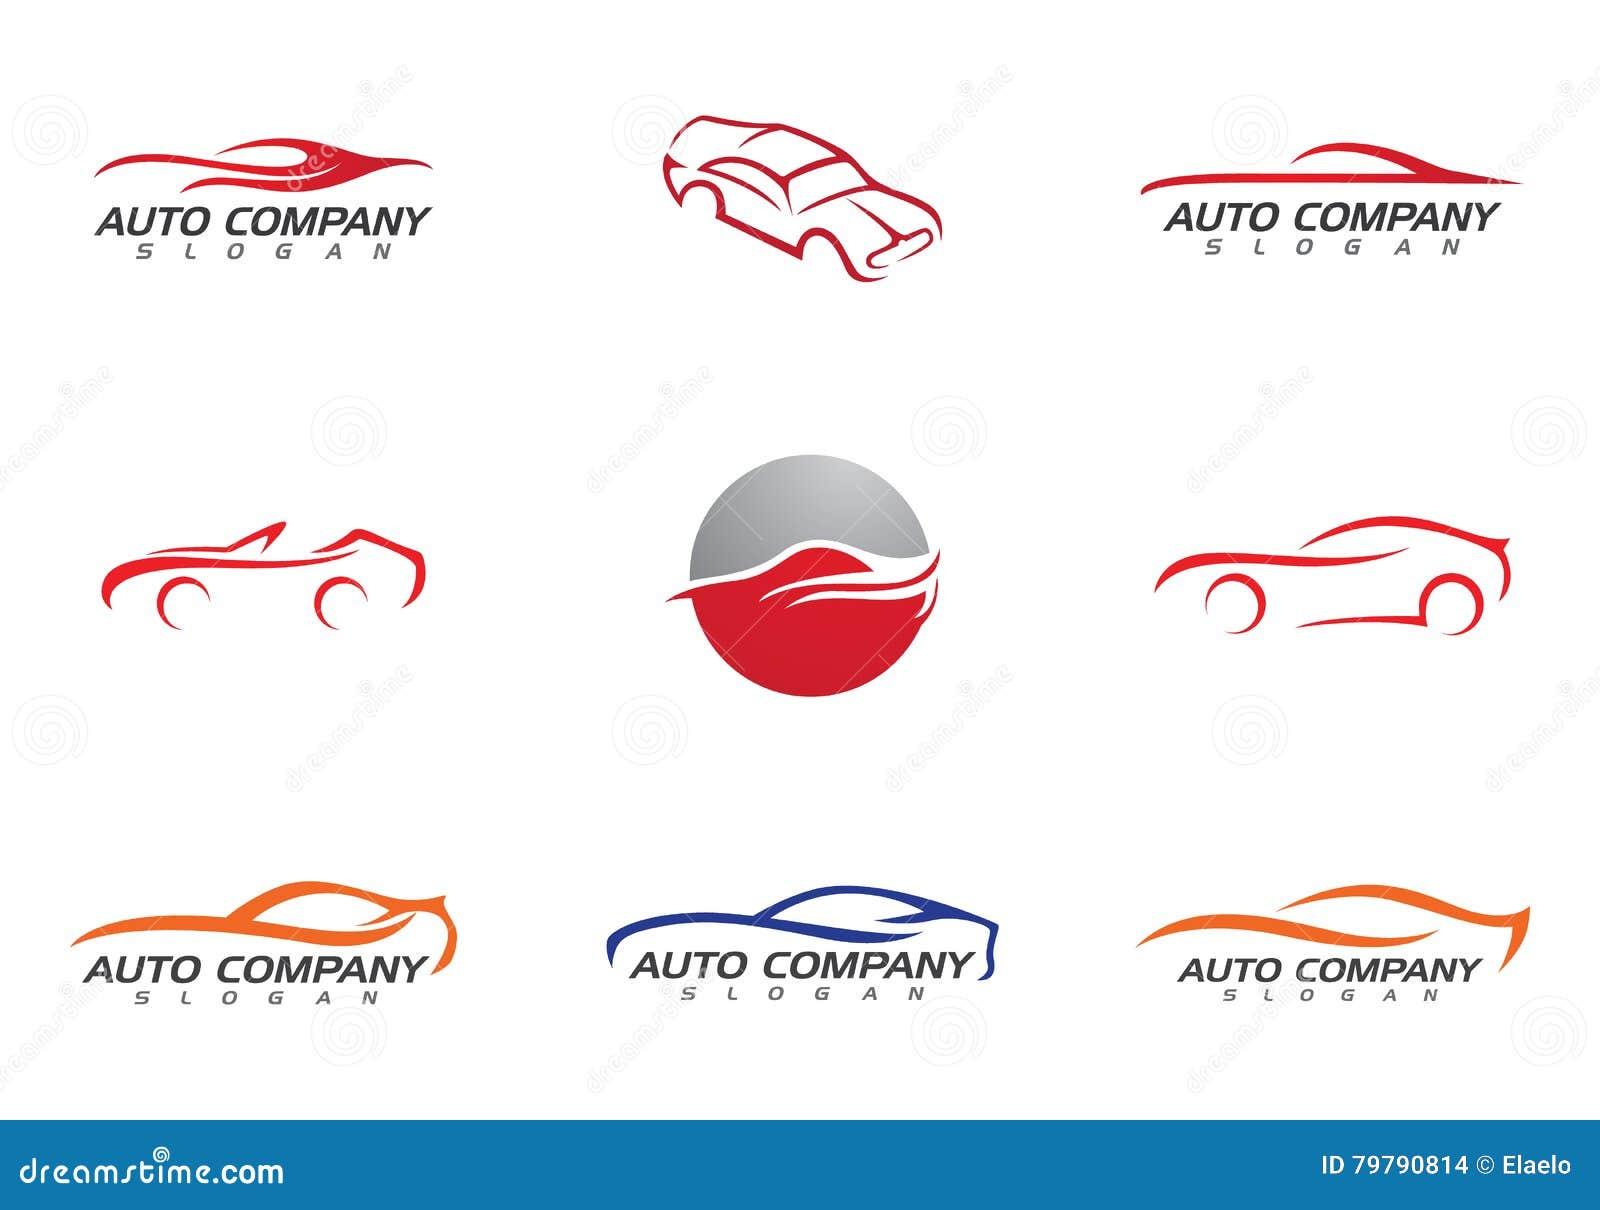 Coche auto Logo Template ilustración del vector. Ilustración de ...